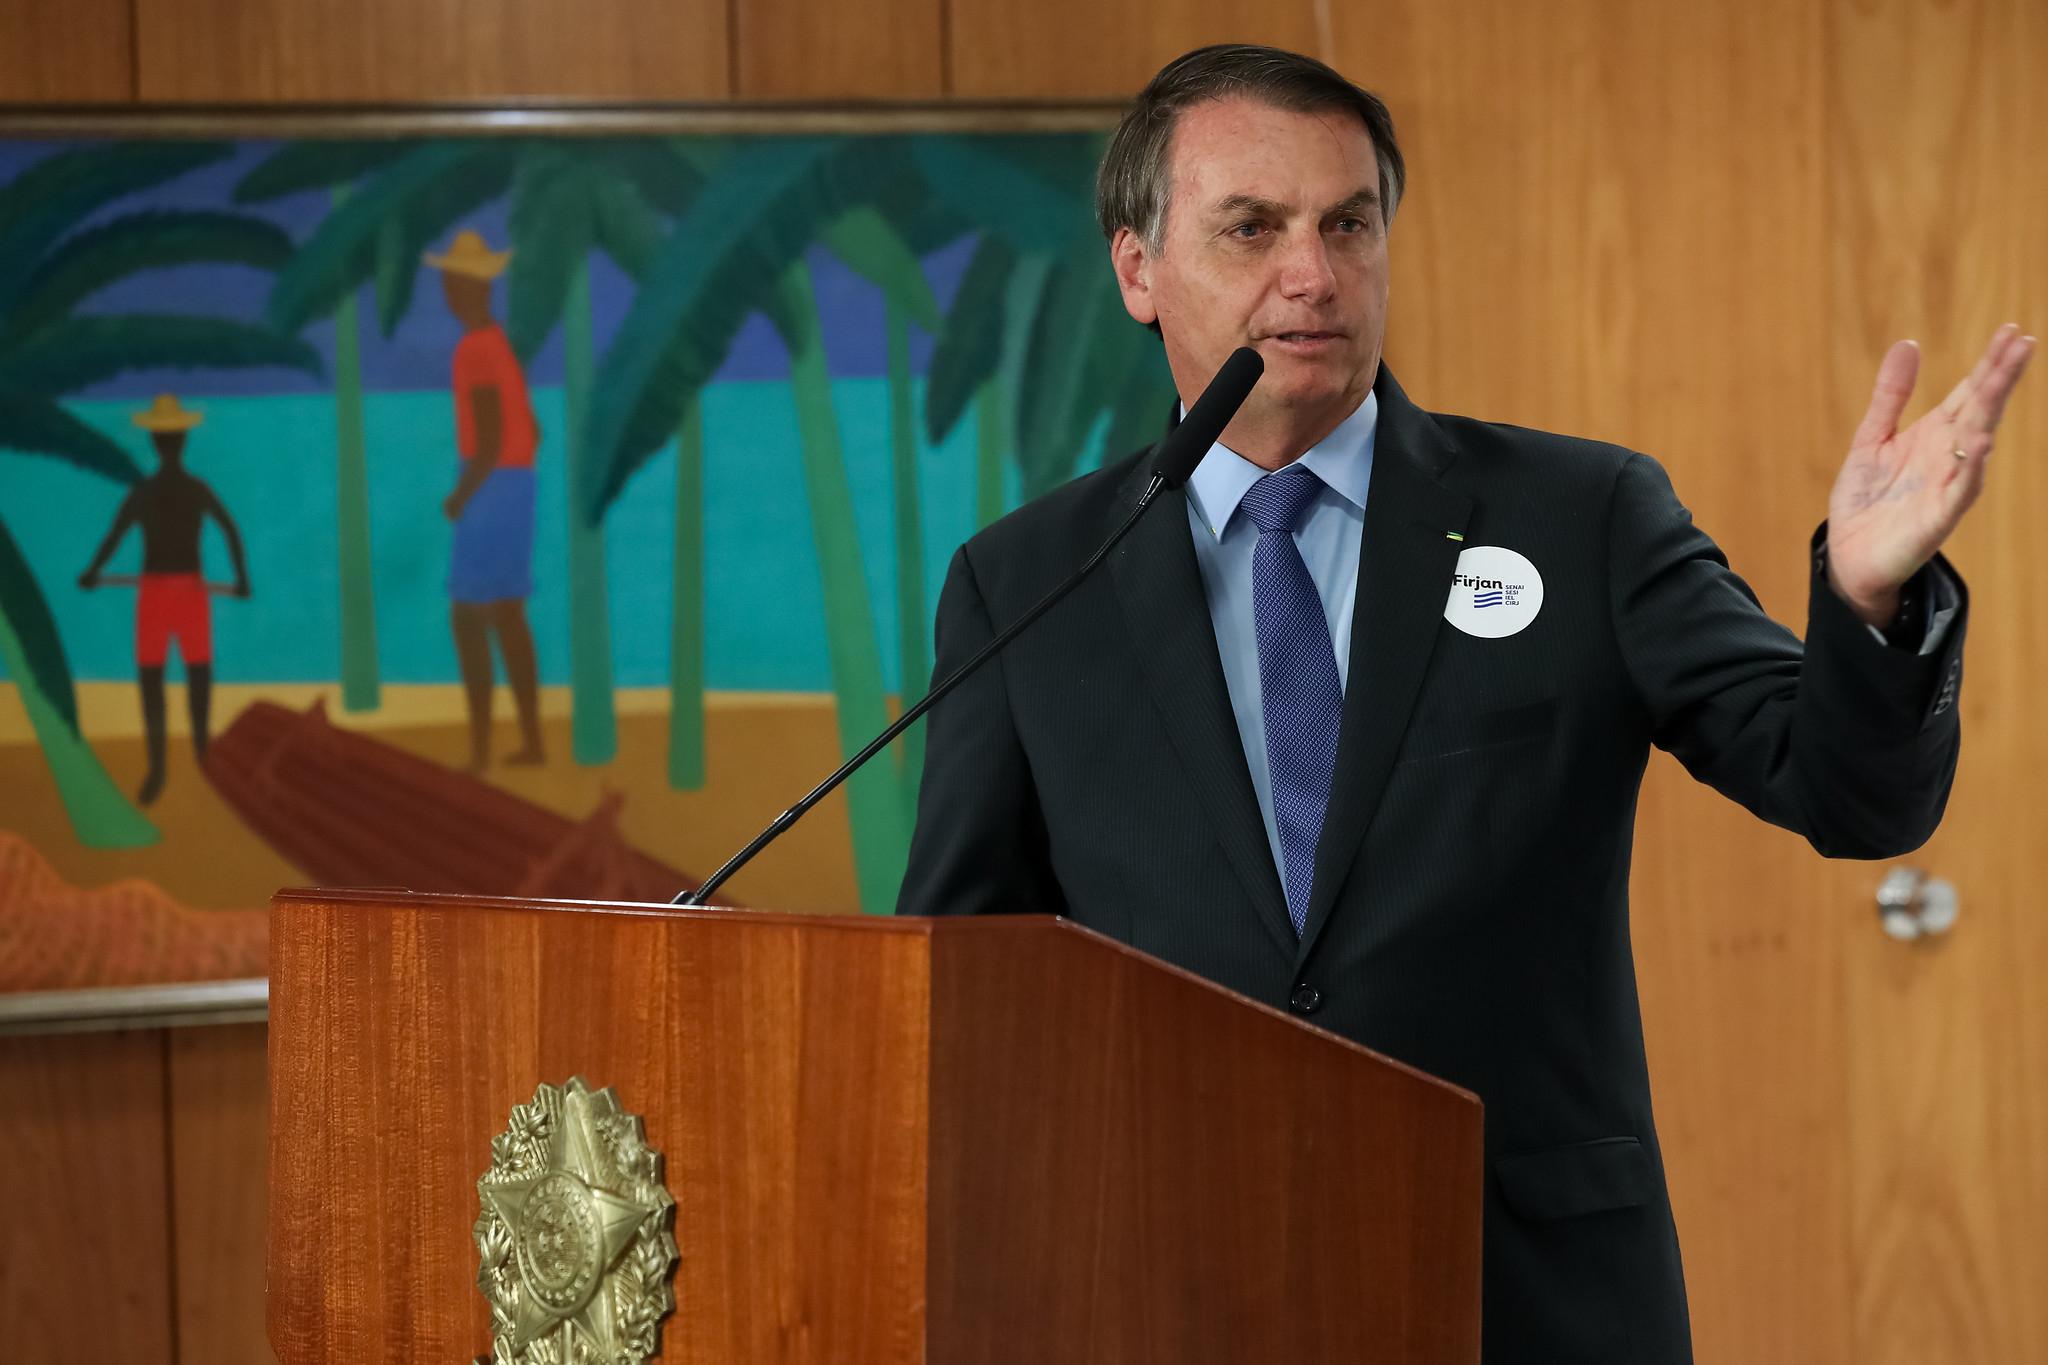 Bolsonaro preferiu povoar o noticiário com uma atitude autoritária e de legalidade discutível